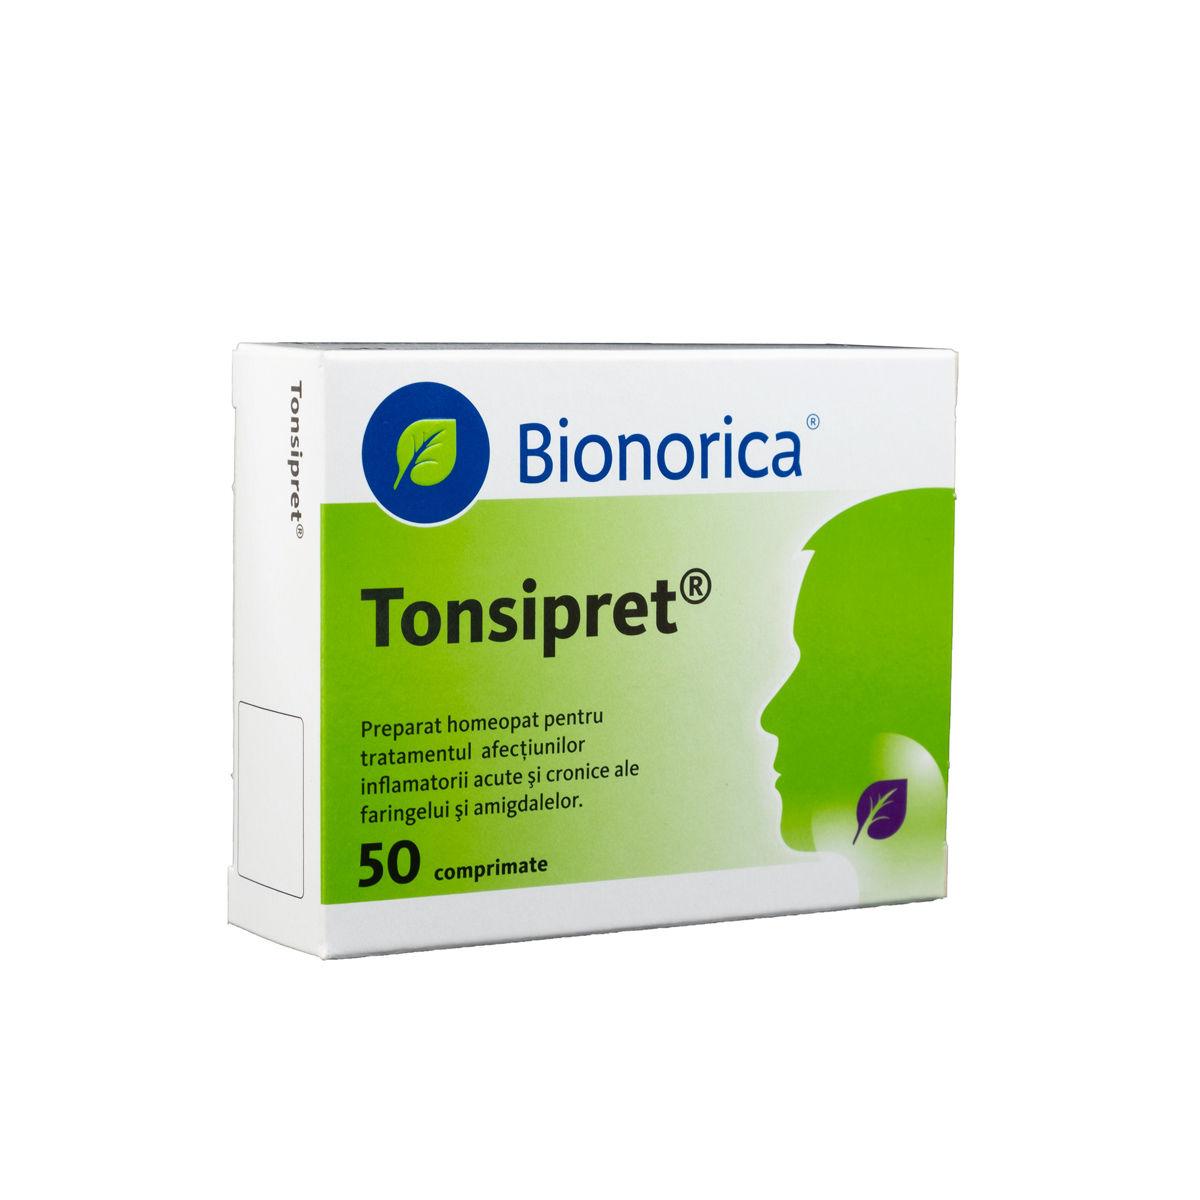 ALBENDAZOL LPH mg divastudio.ro — Lista Medicamentelor Mediately